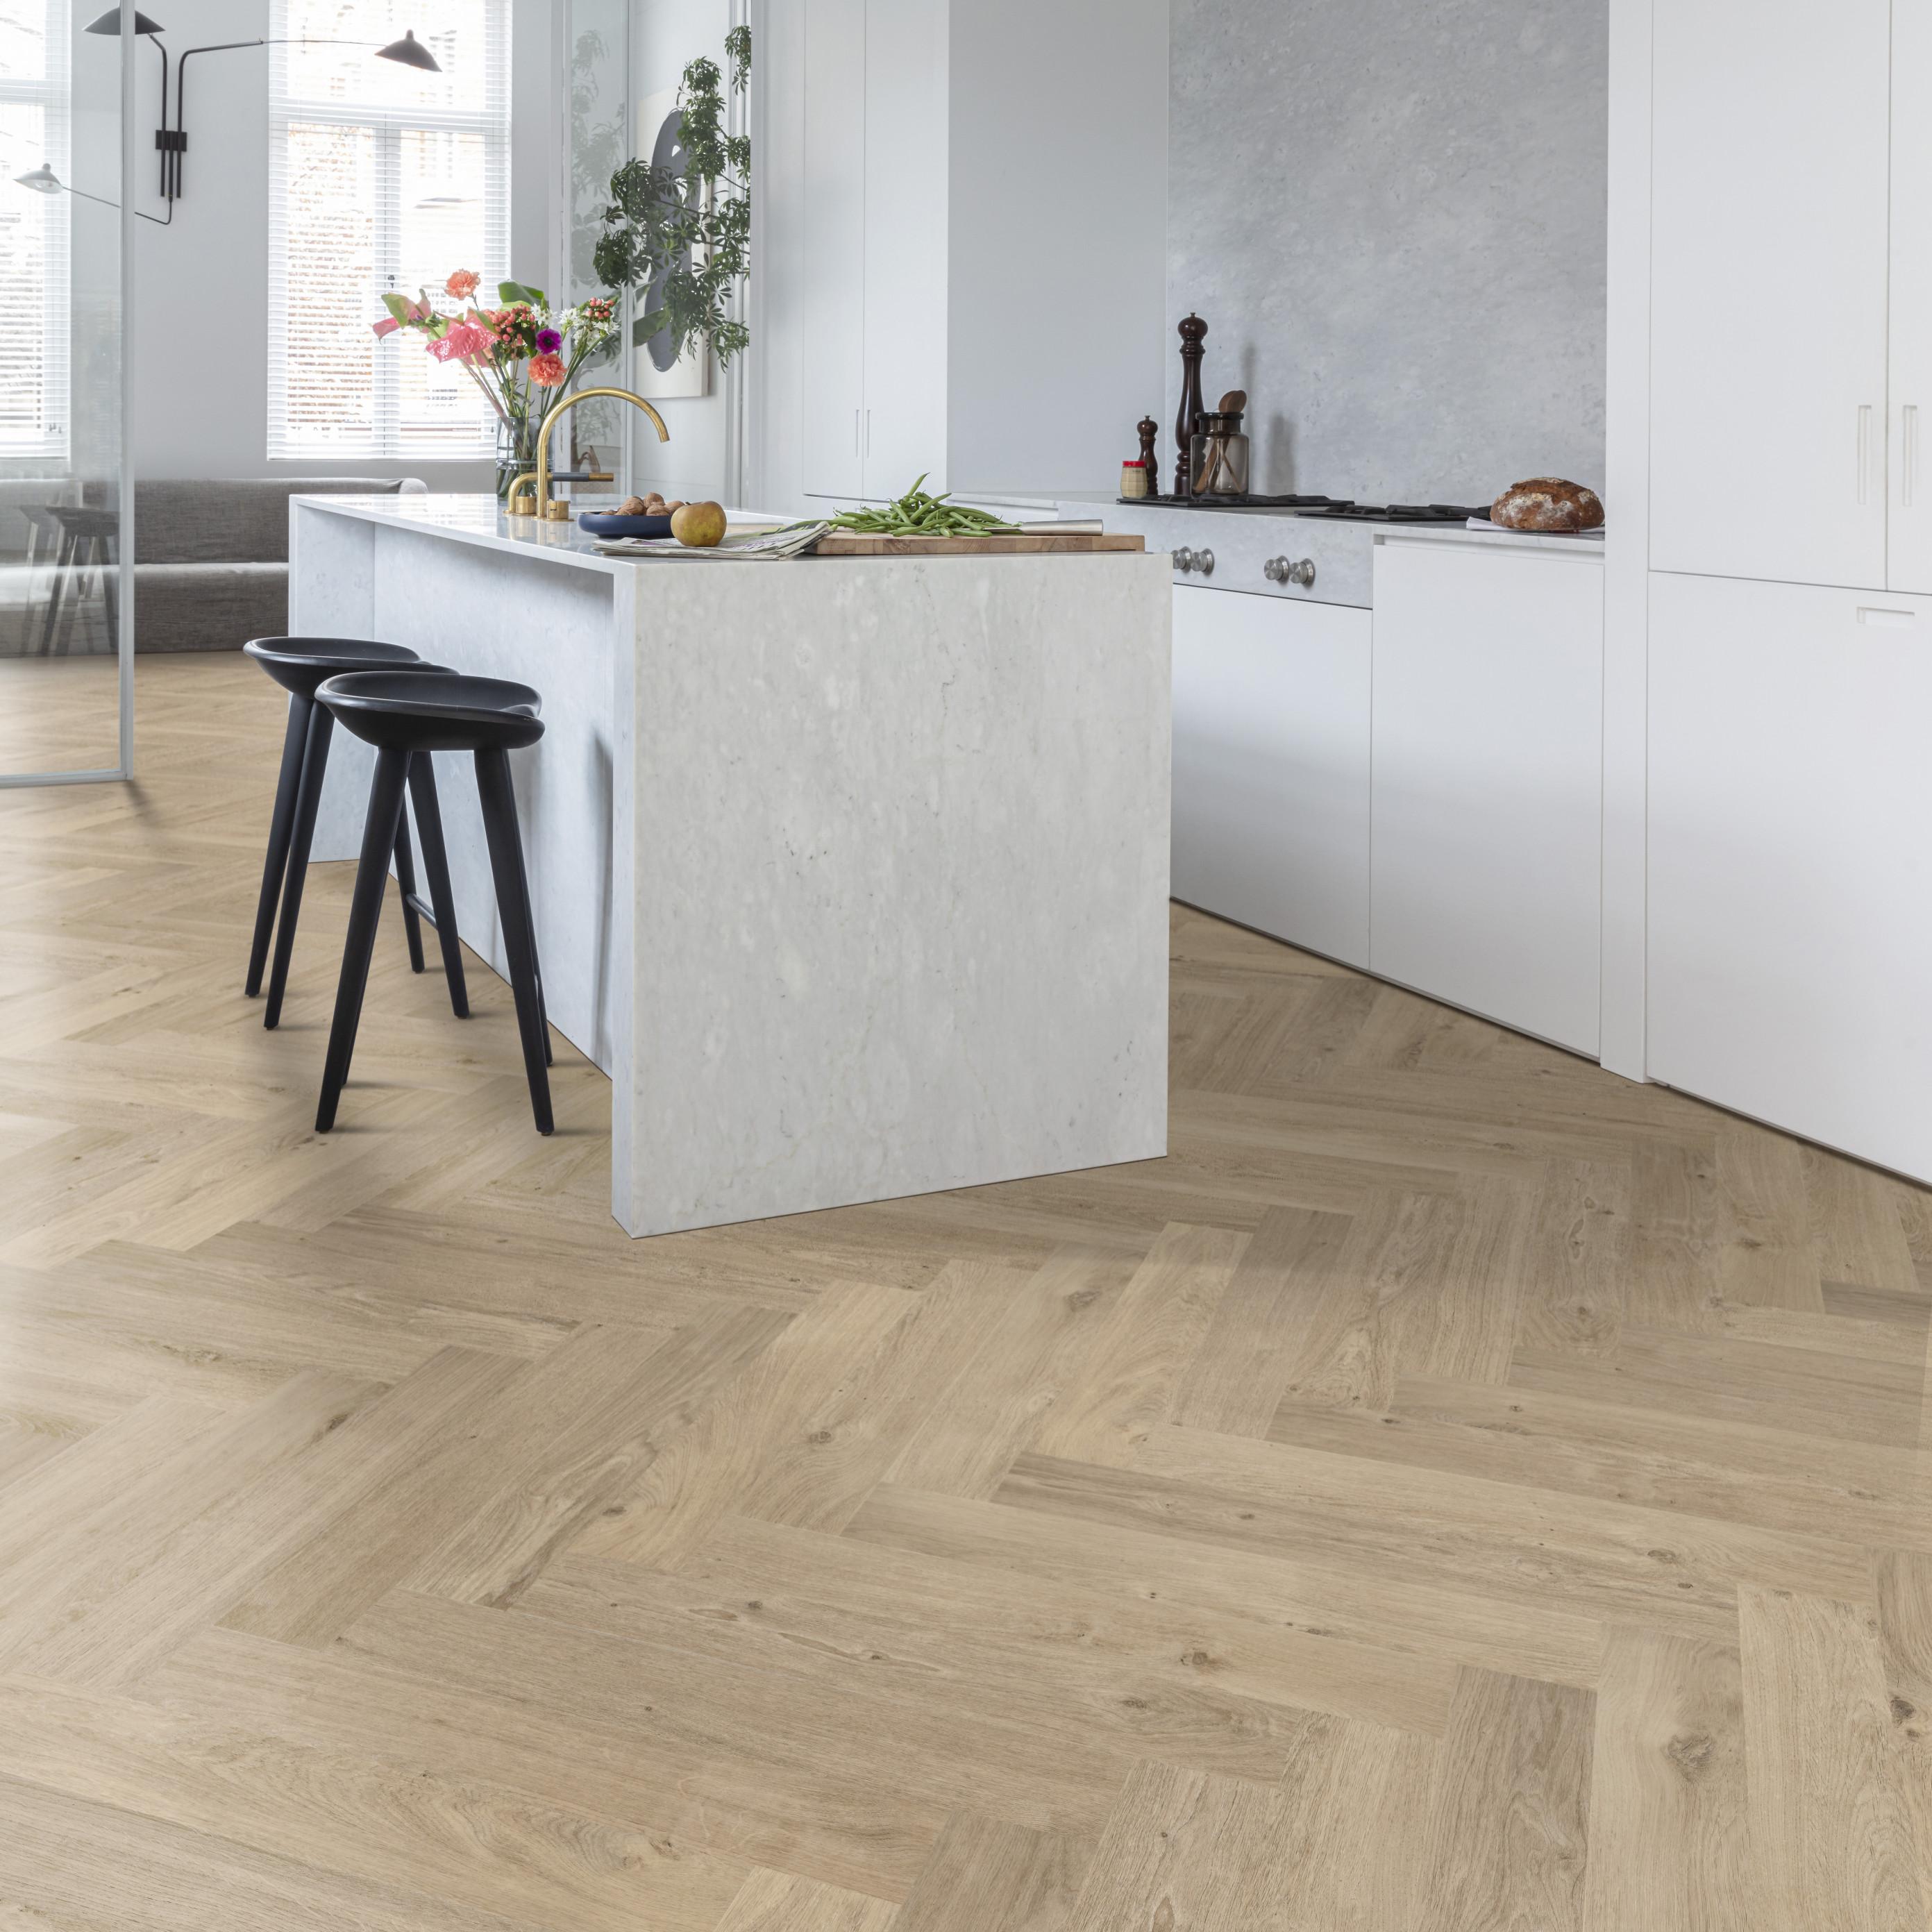 Visgraat vloer: stijlvol én makkelijk